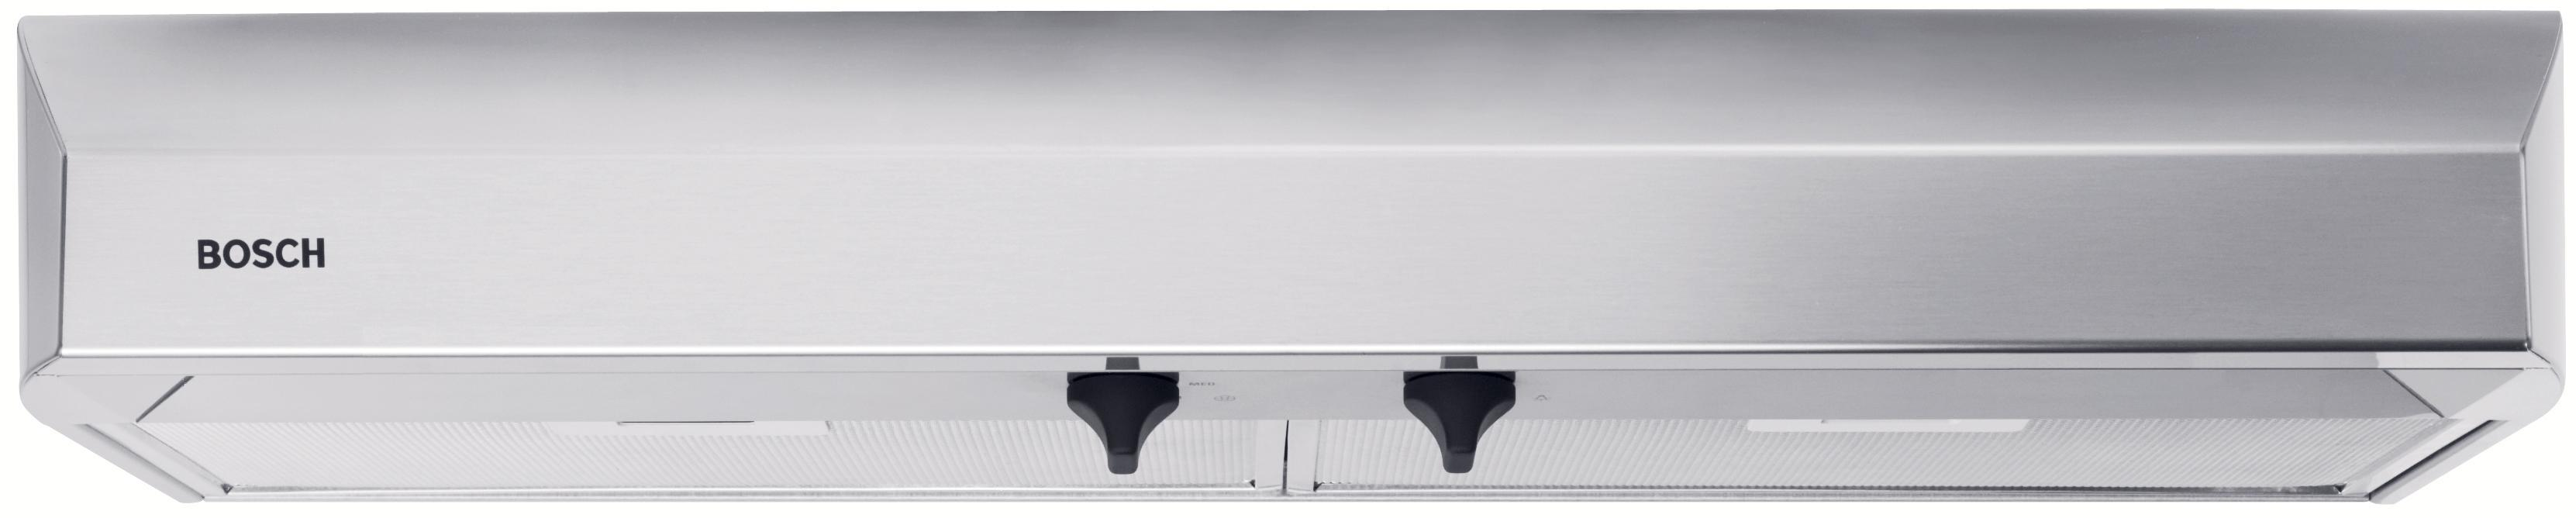 """Bosch Ventilation 30"""" Under-the-Cabinet Range Hood - Item Number: DUH30152UC"""